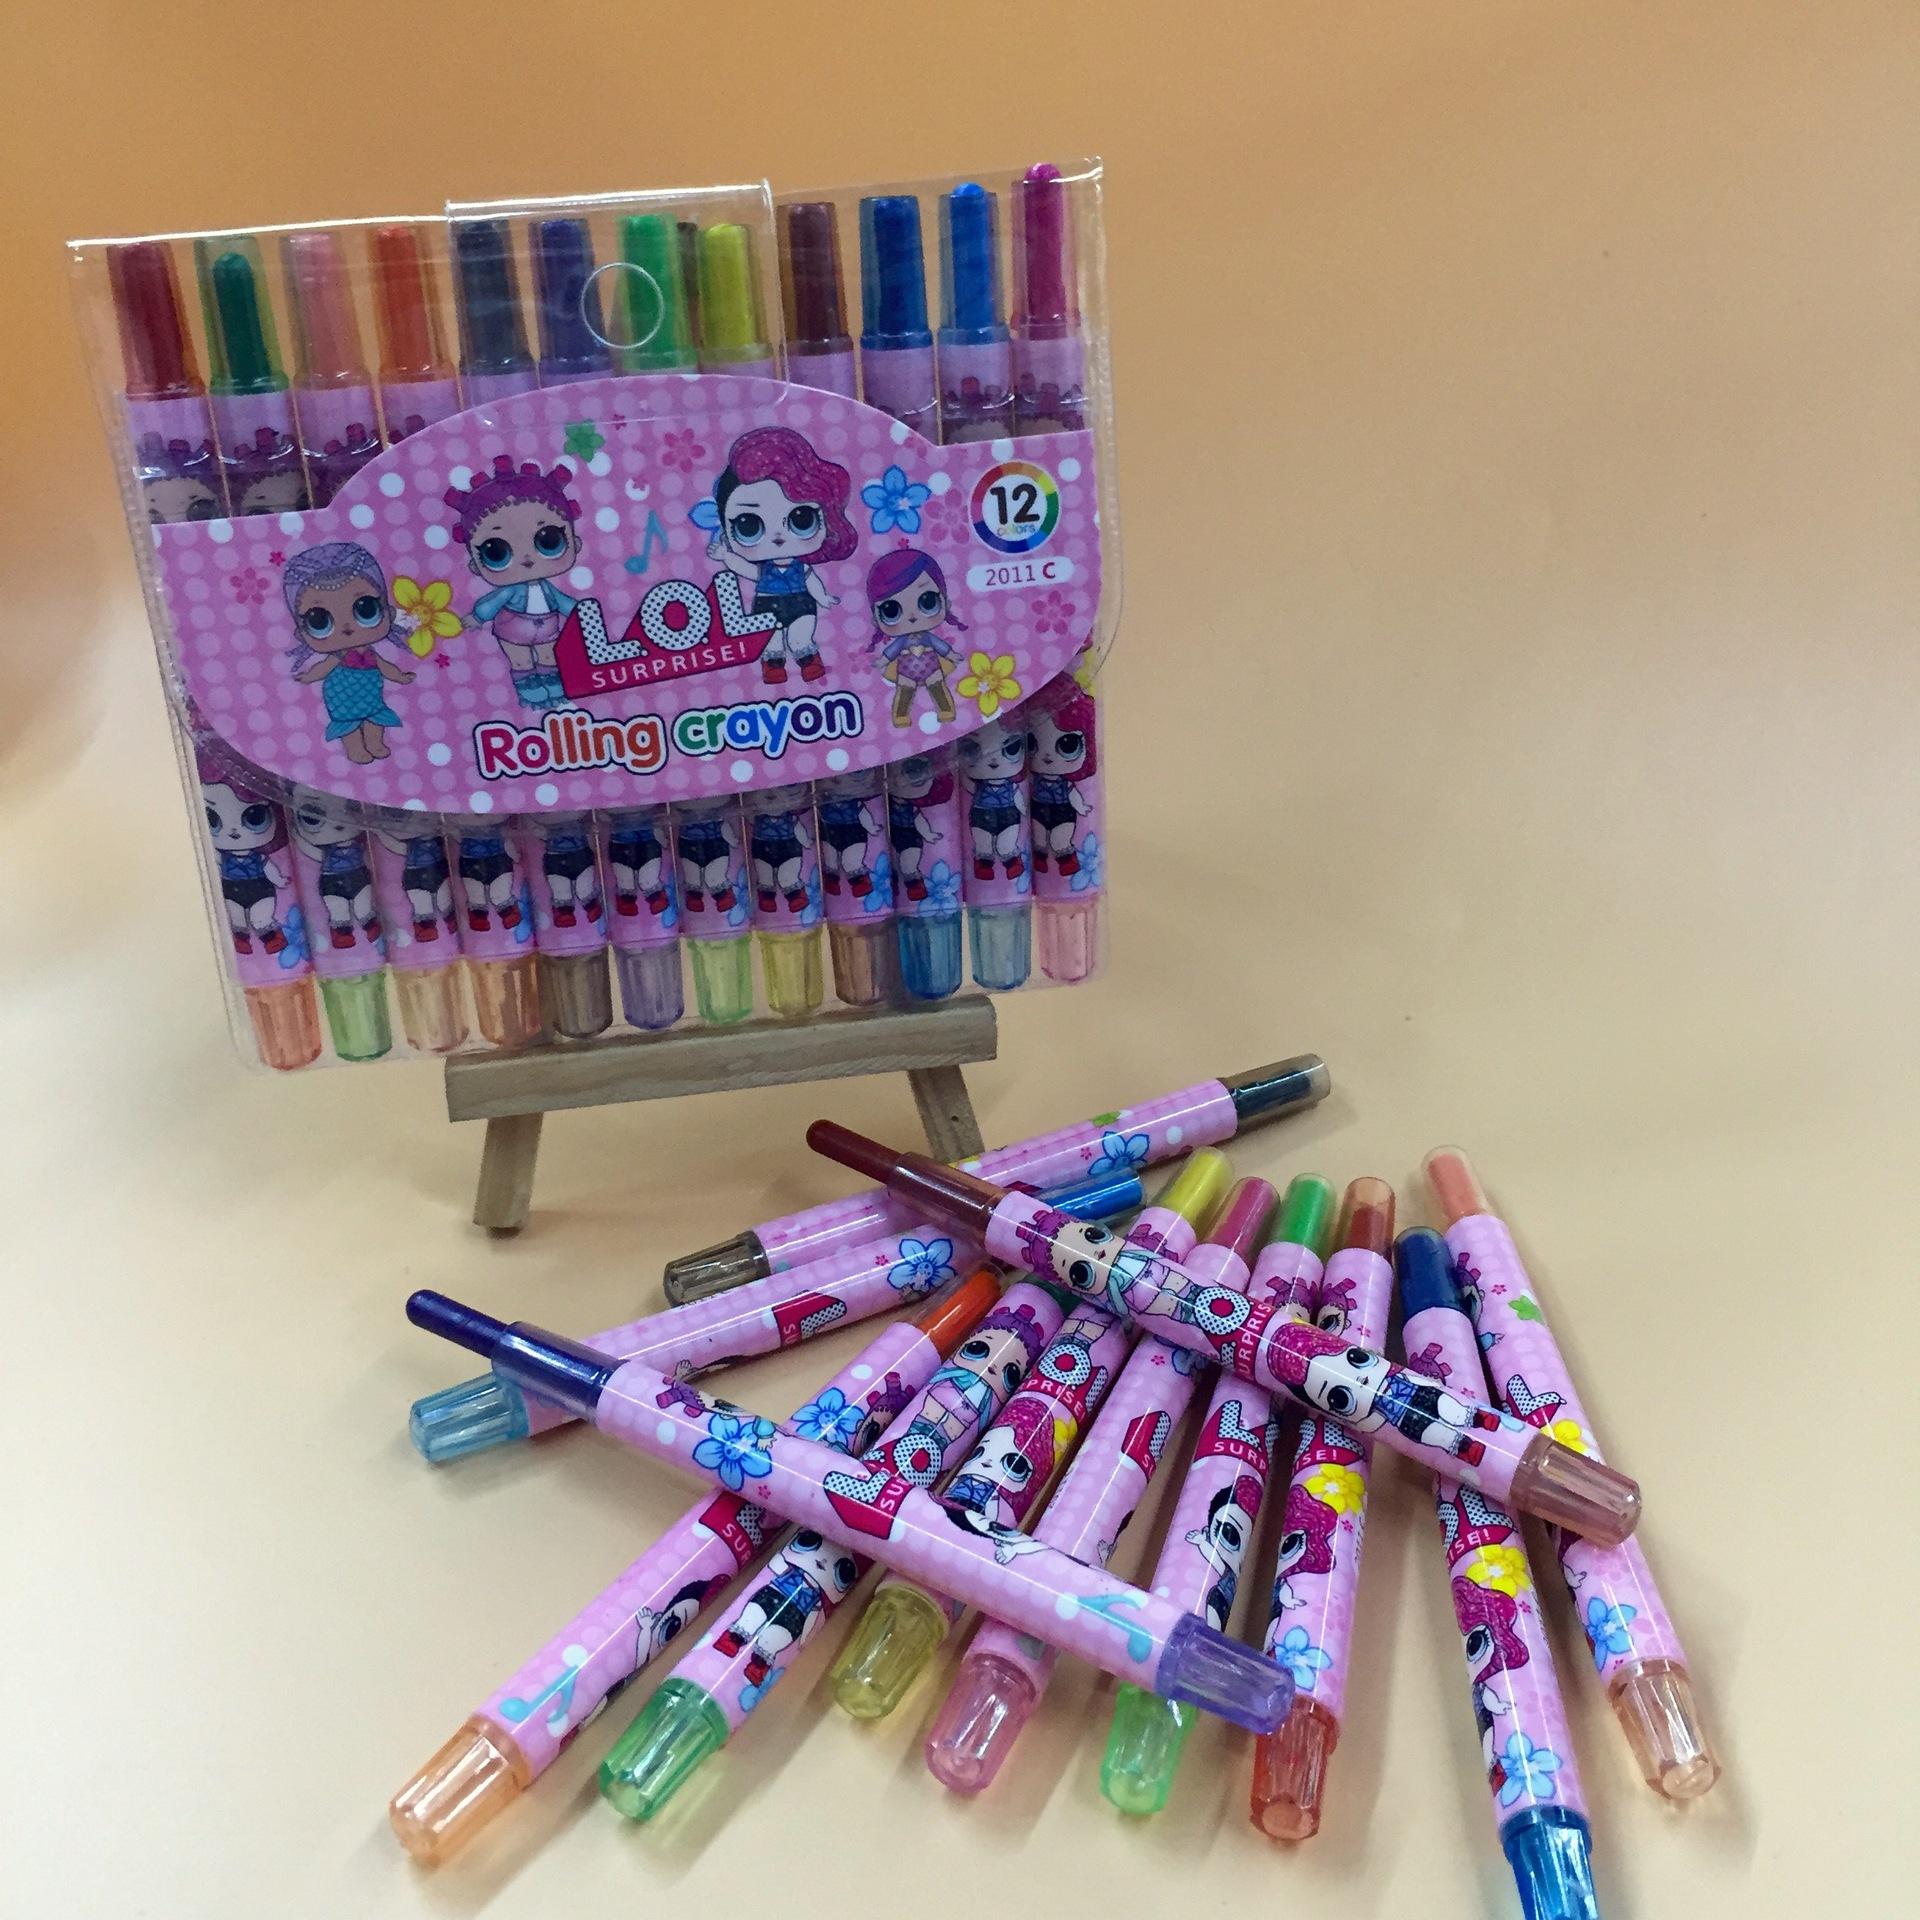 lol惊喜娃娃文具12色蜡笔旋转油画棒涂色彩笔儿童学生绘画用品